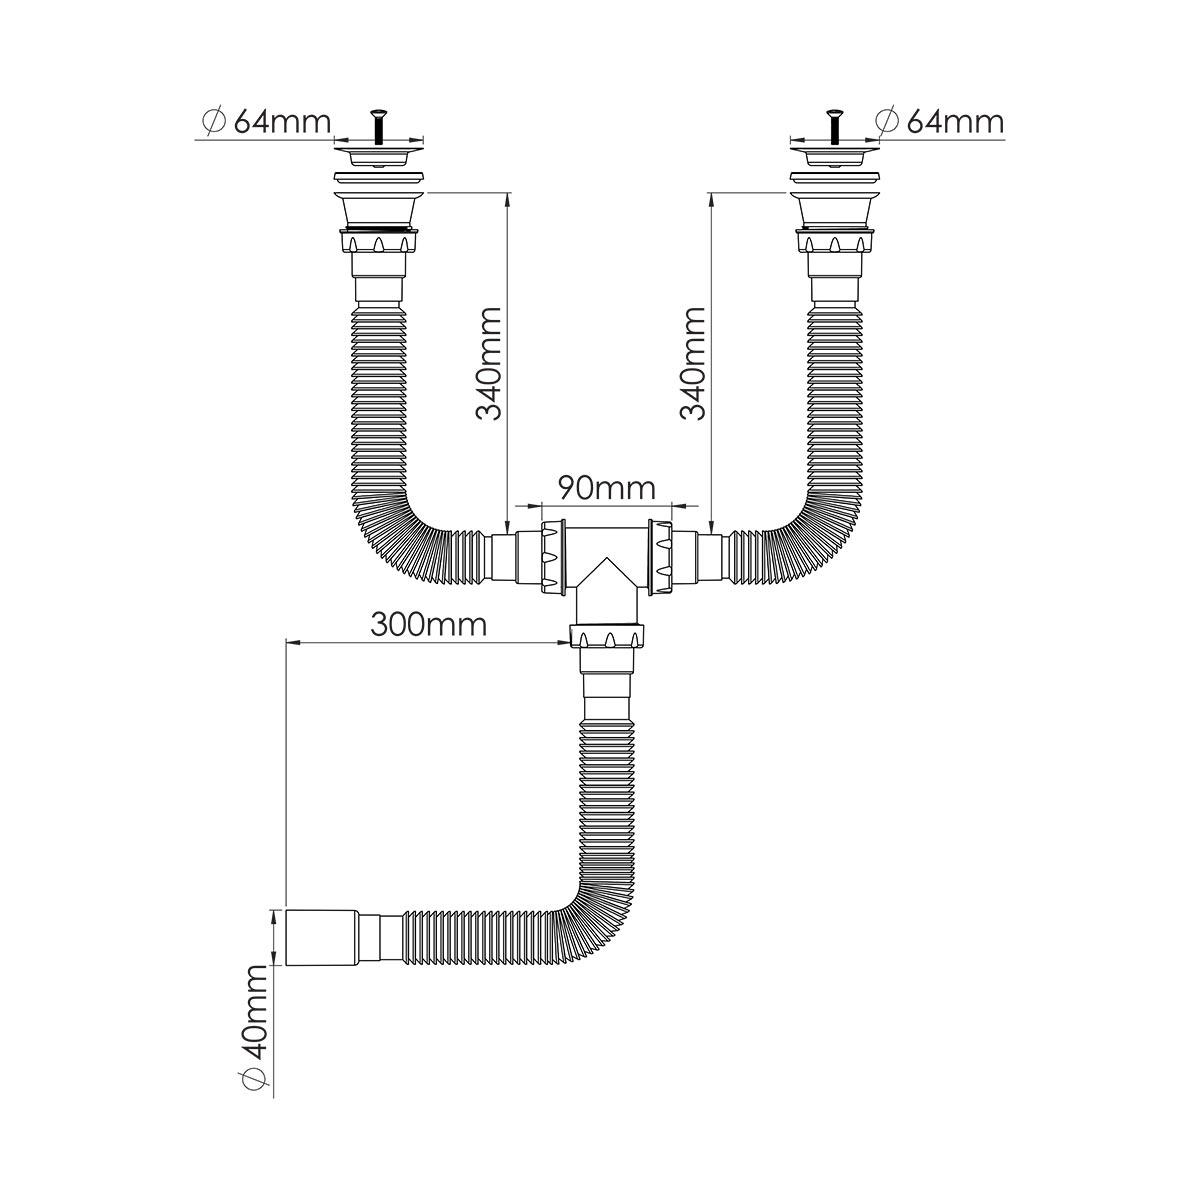 Çift Gözlü Körüklü Sifon,  1 ½ – Ø40, 304 kalite 64mm Süzgeç